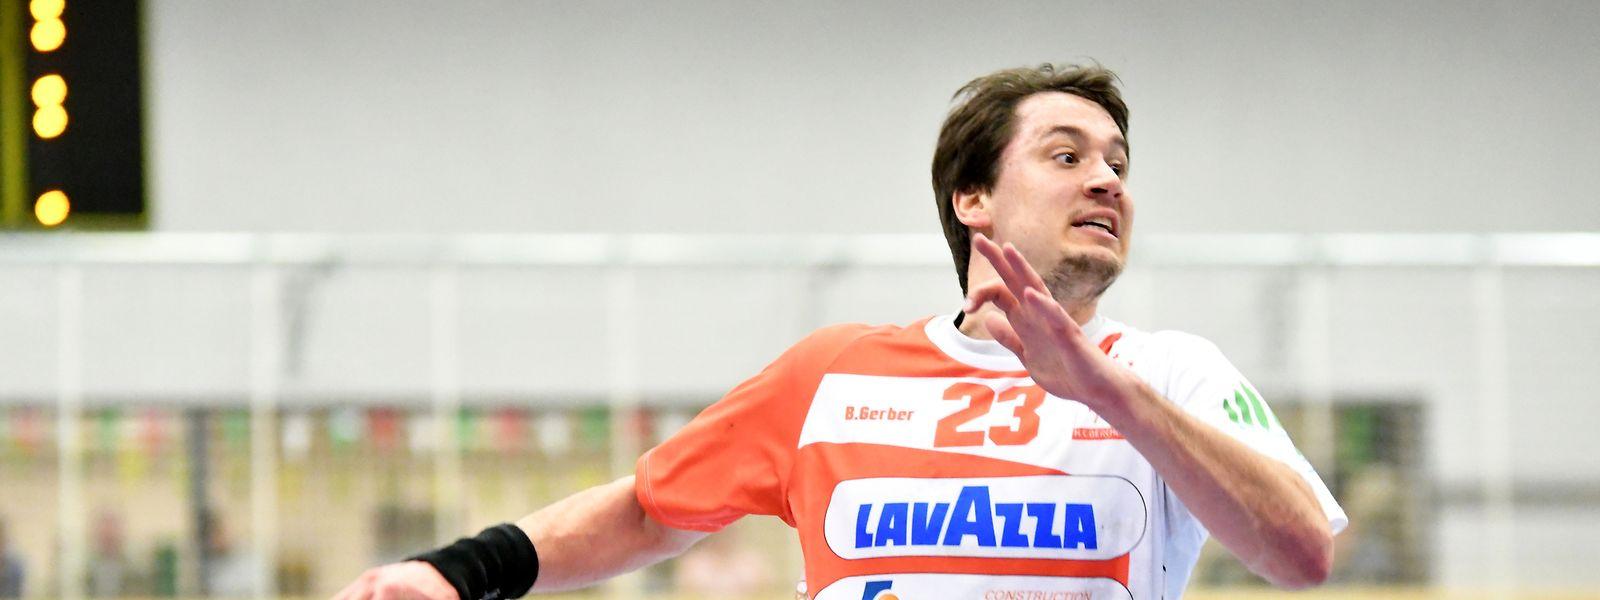 Björn Gerber ist aktuell noch Spieler beim HC Berchem.